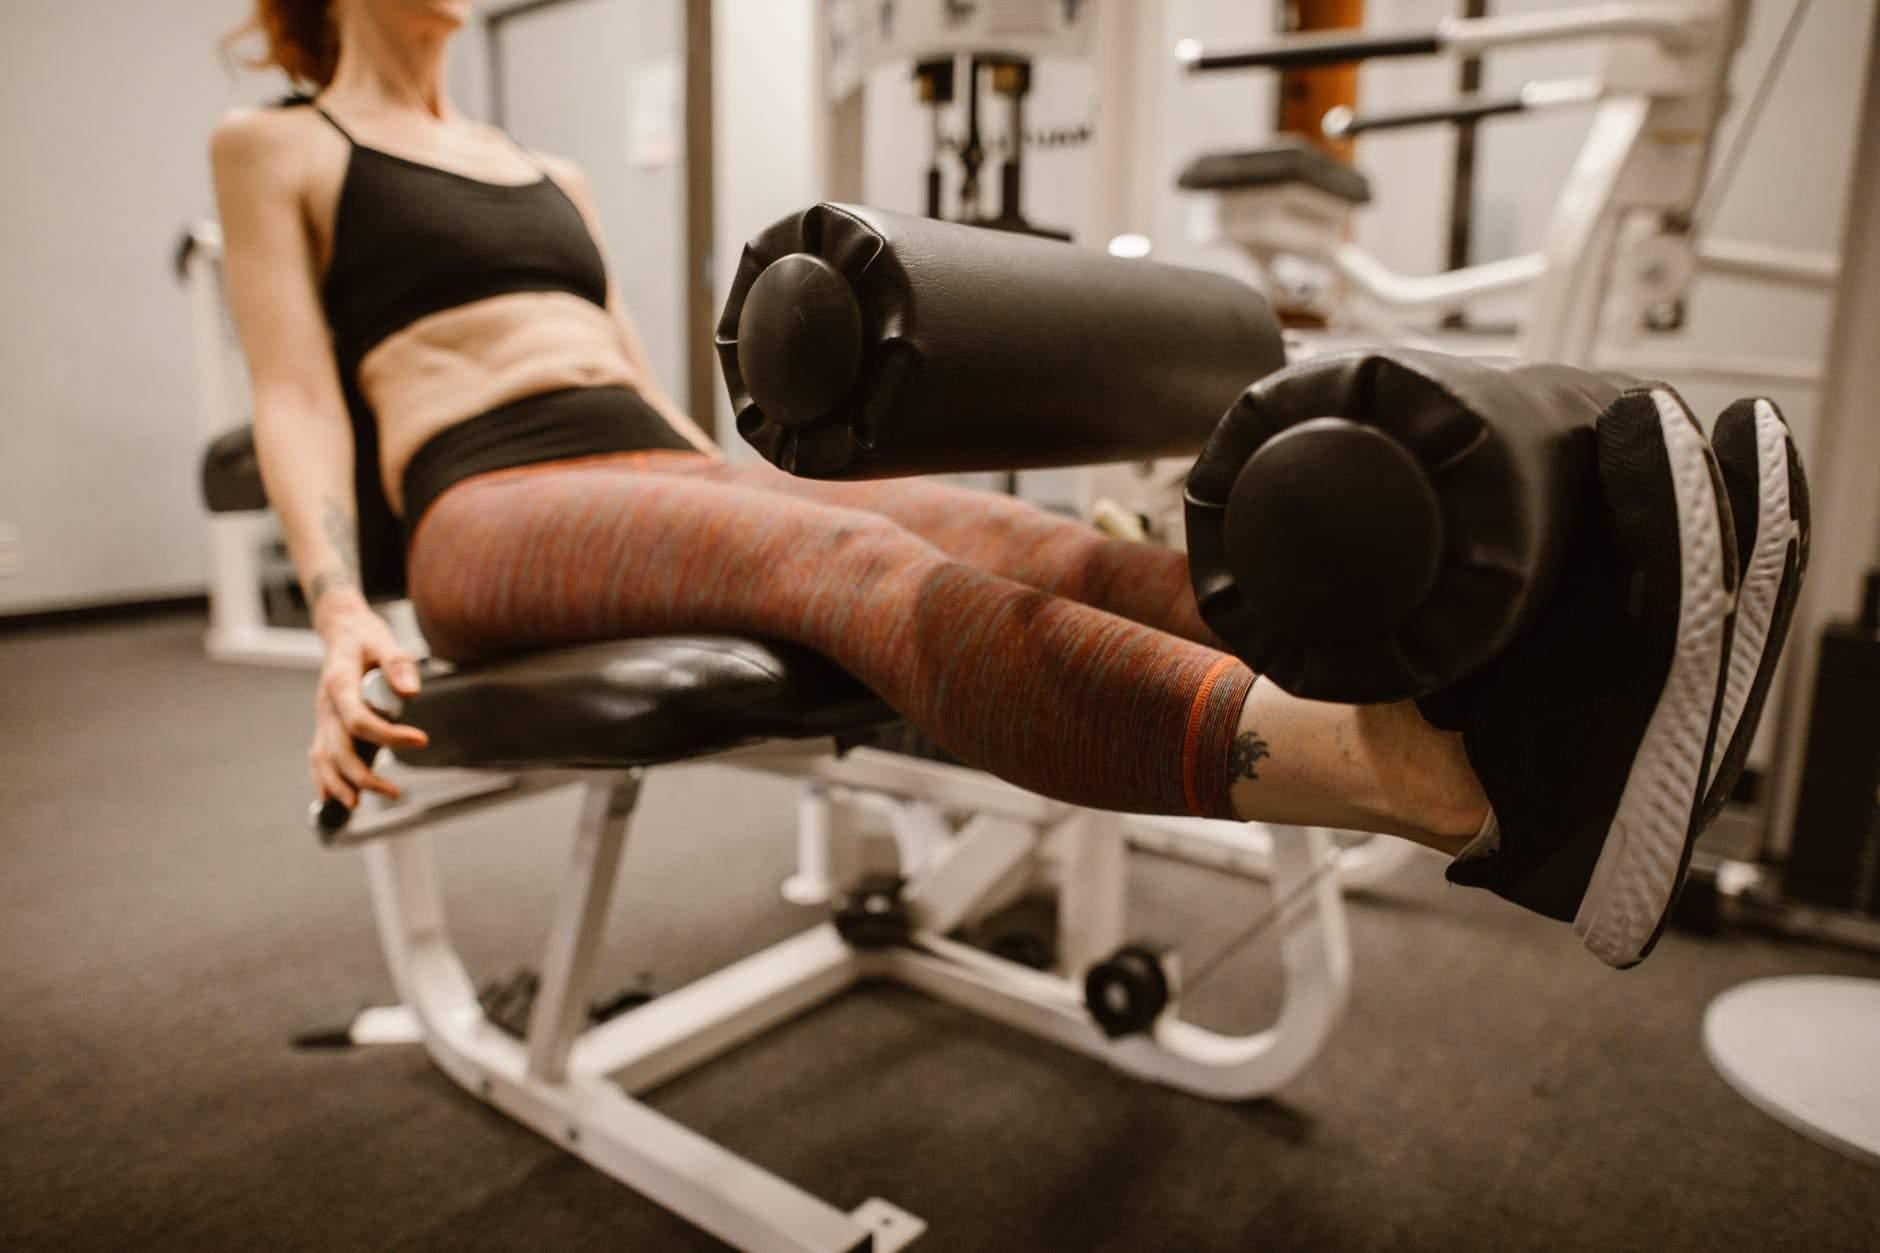 Жінка скинула зайву вагу для отримання діагнозу